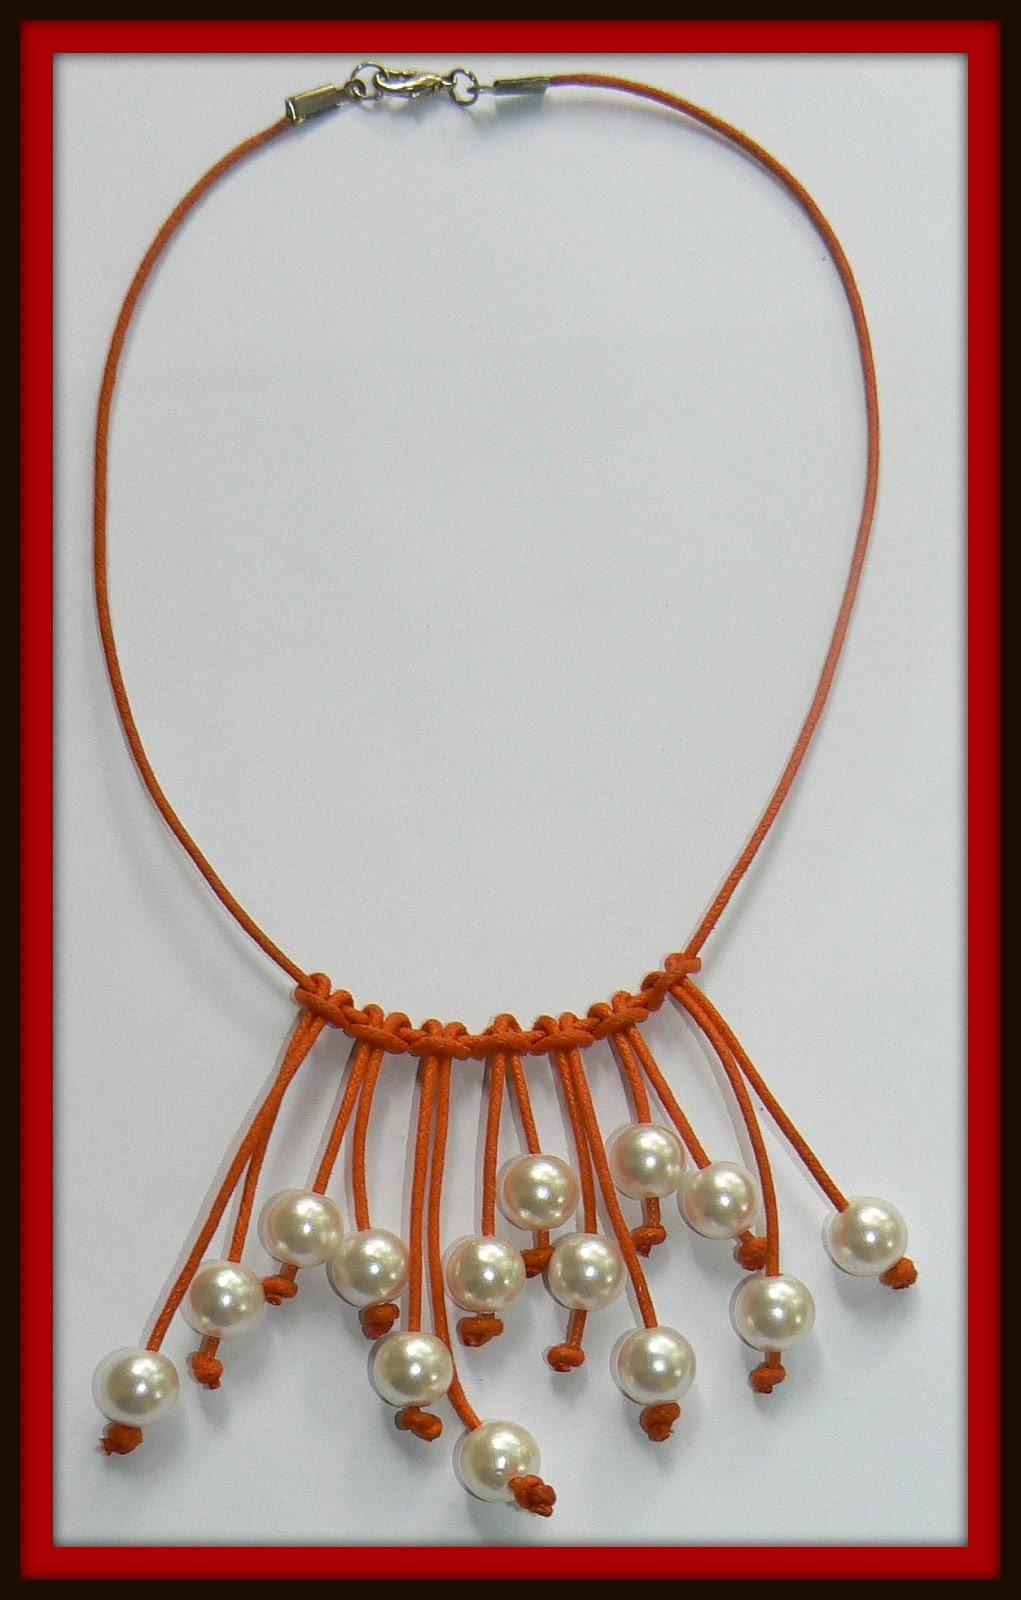 Pakicel bisuteria collar cuero perlas - Collares de cuero ...